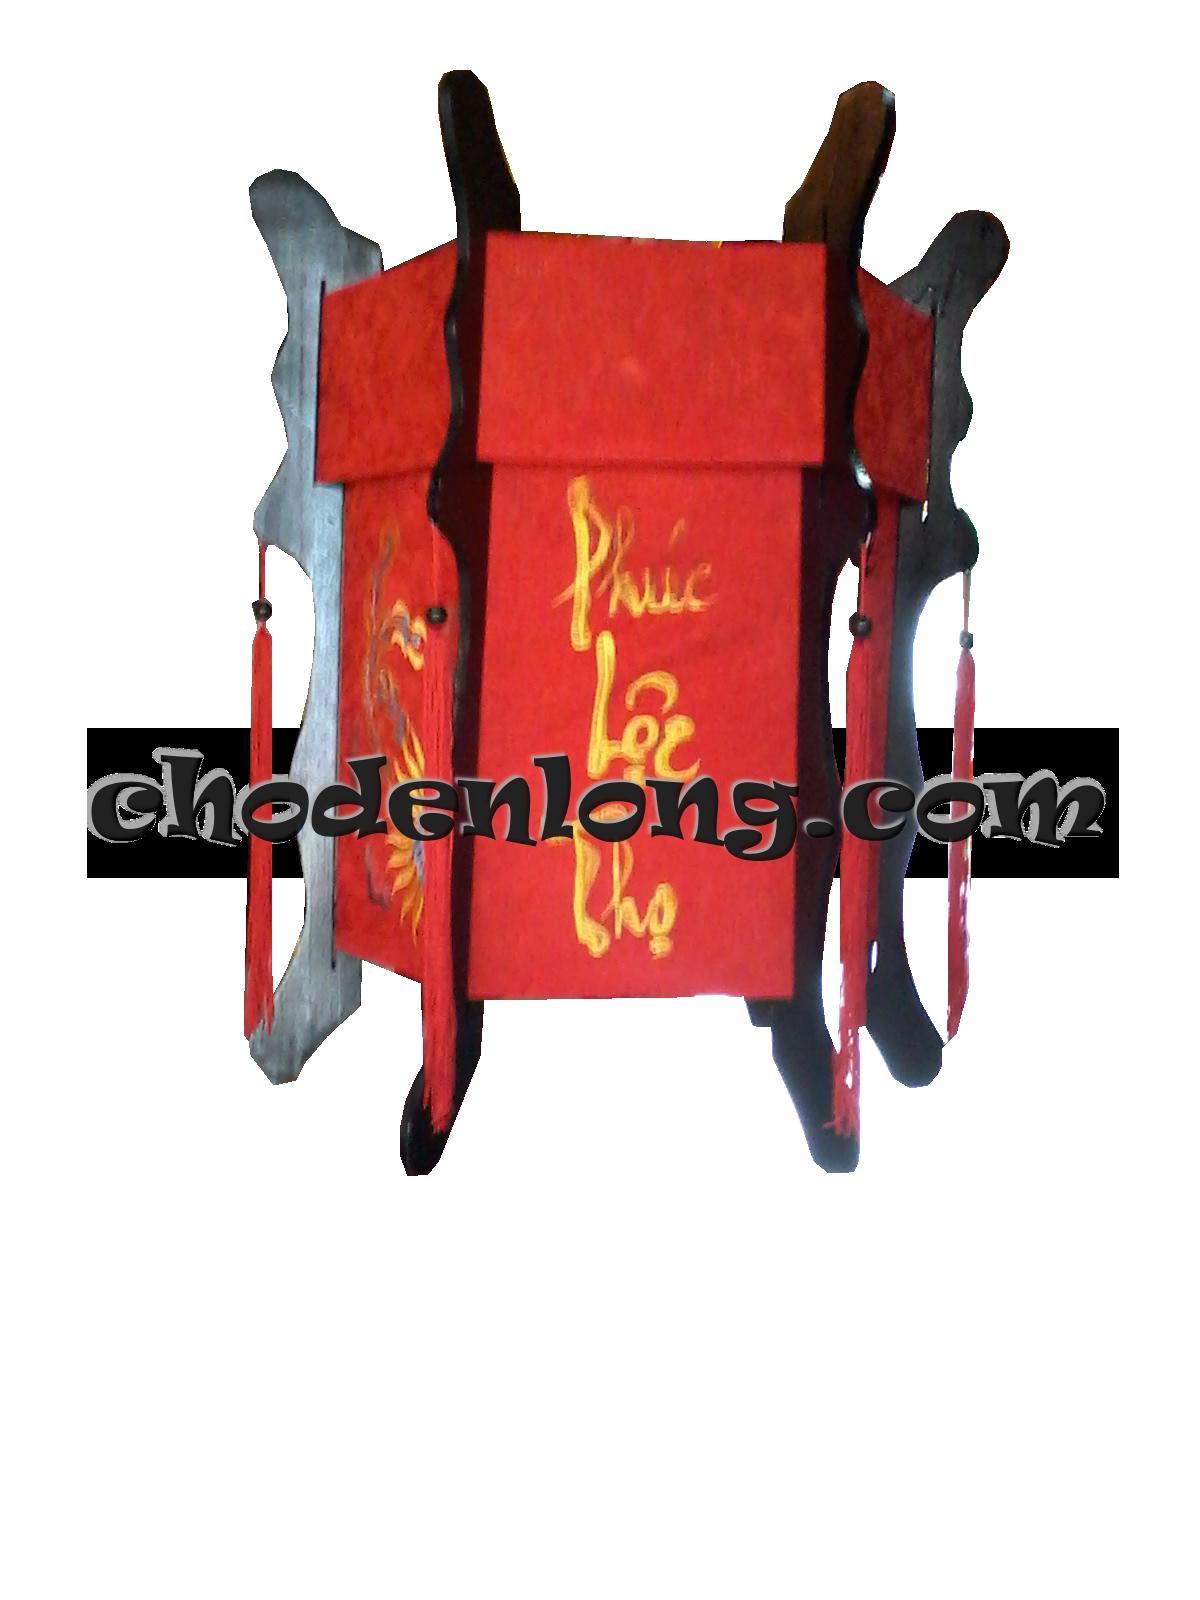 Đèn lồng gỗ vải gấm Long Phụng thêu Phúc Lộc Thọ - Đèn kéo quân